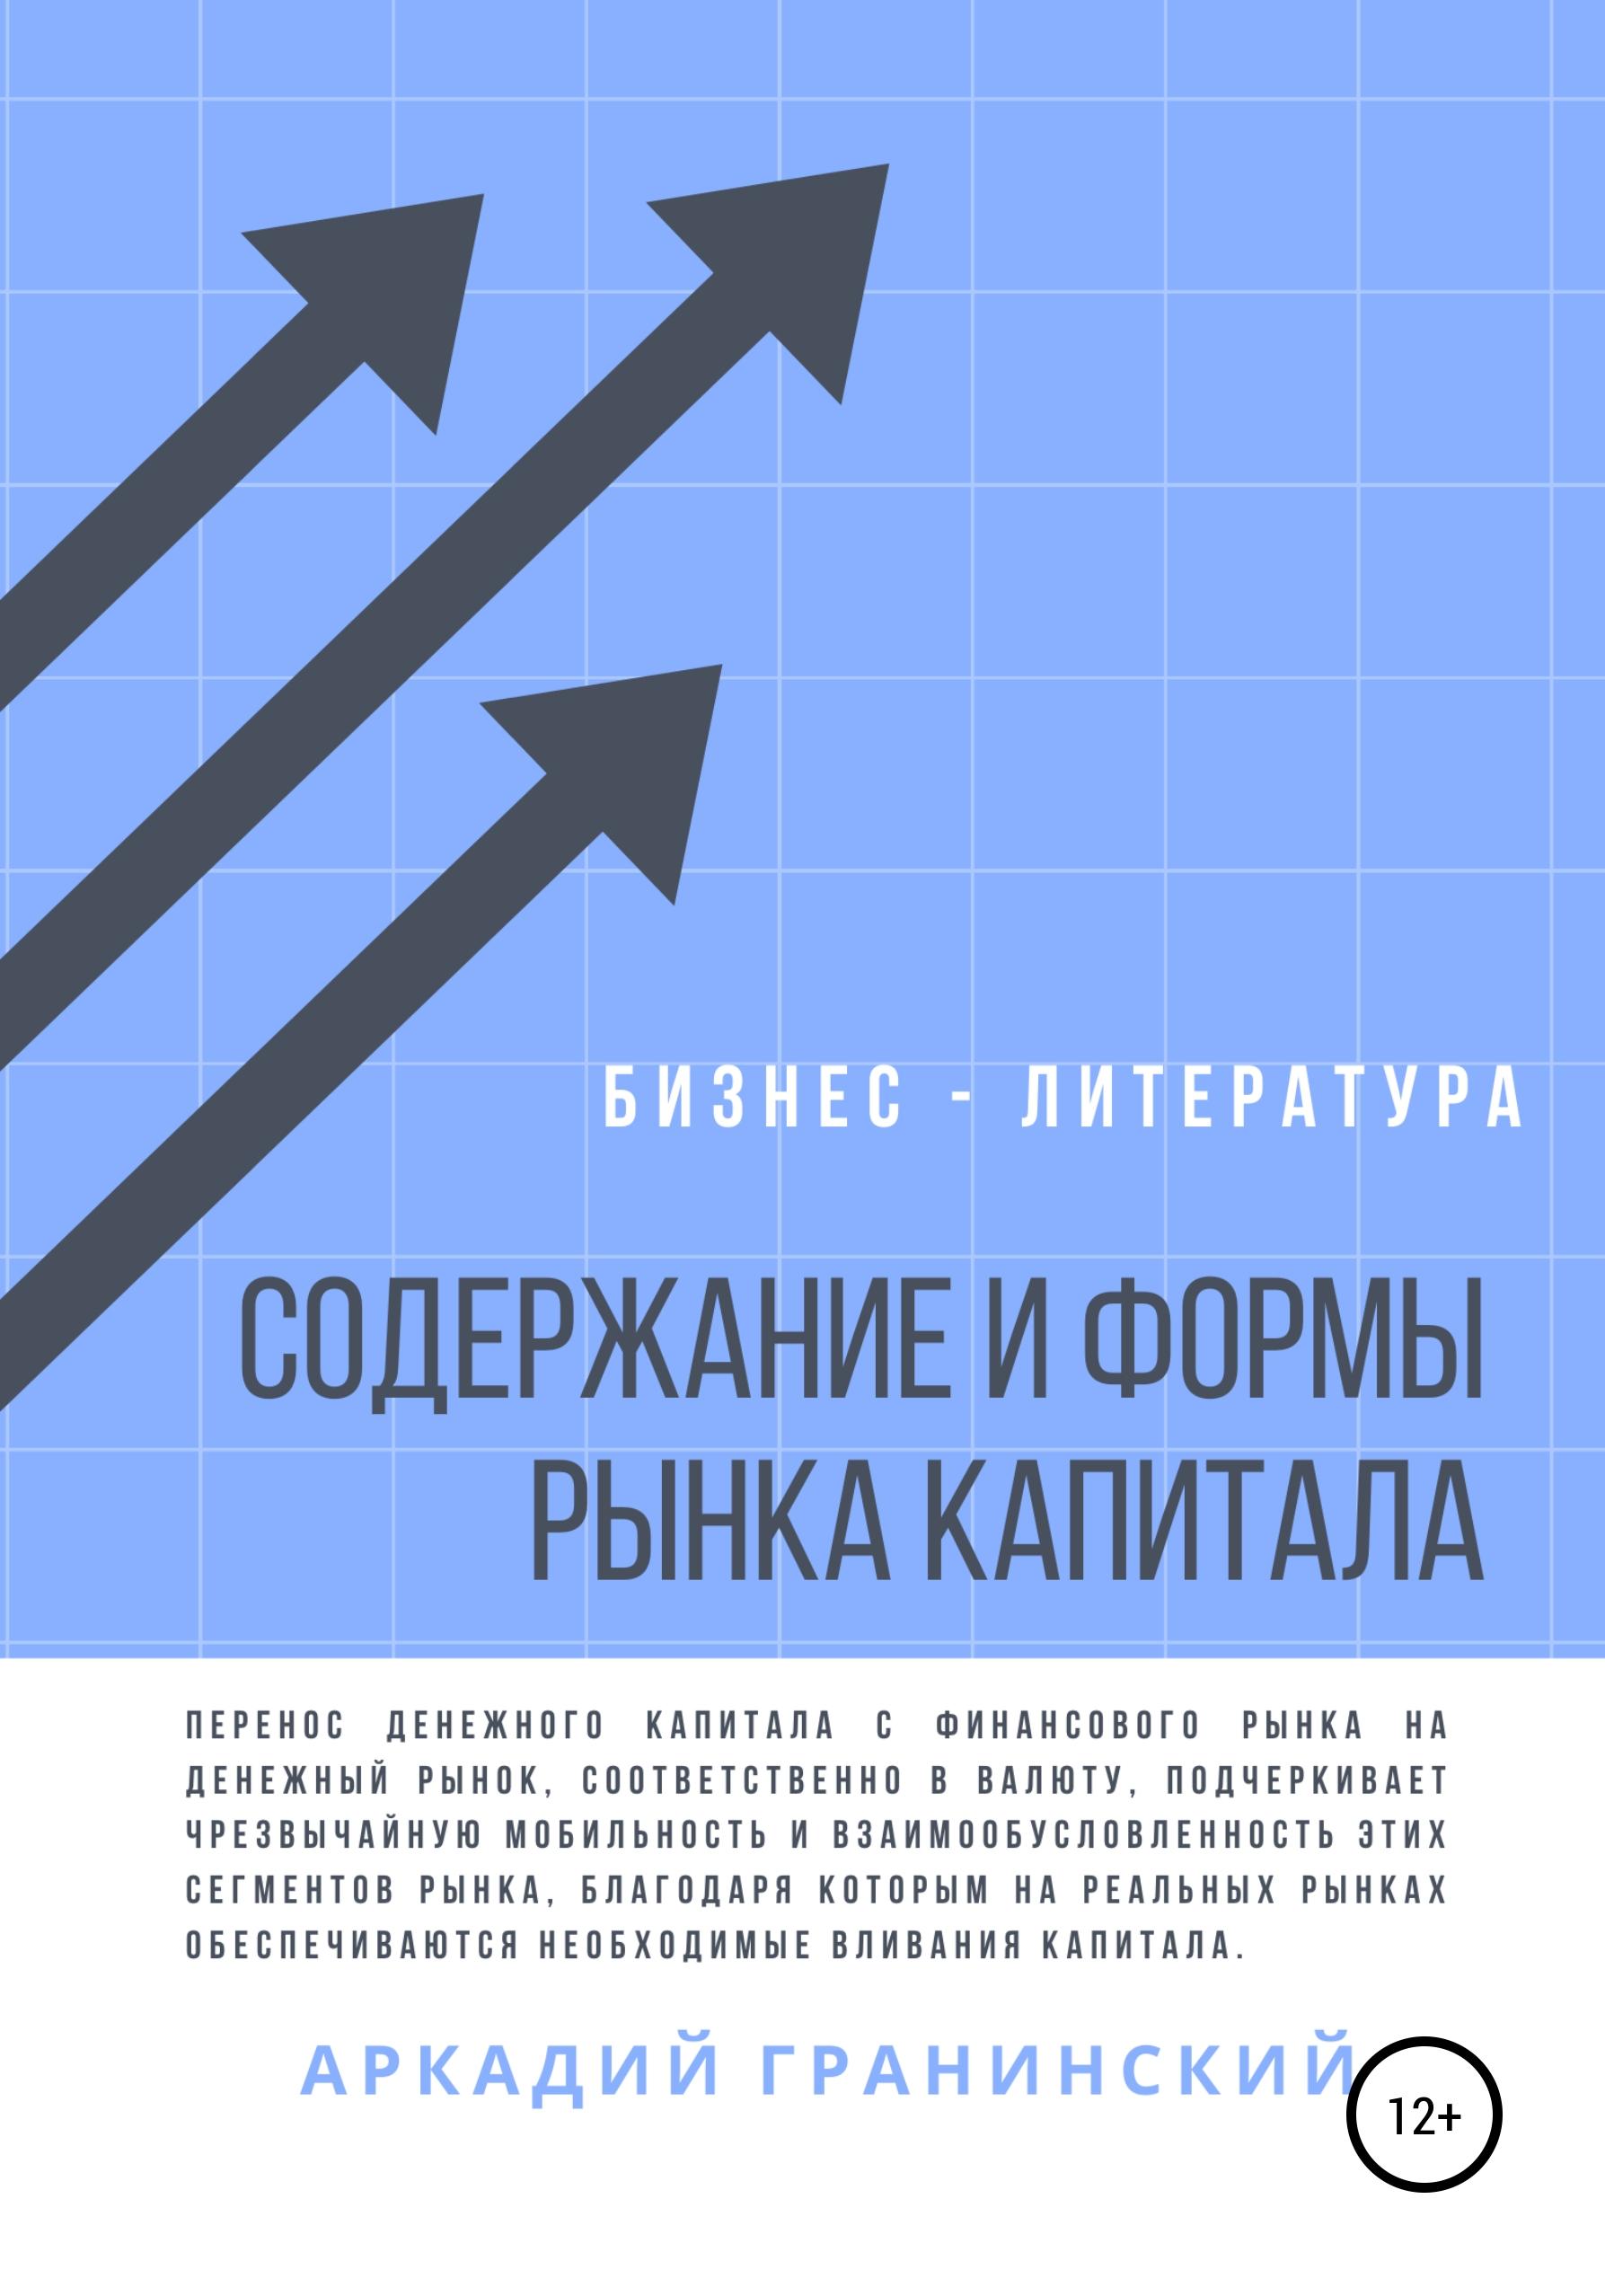 Содержание и формы рынка капитала